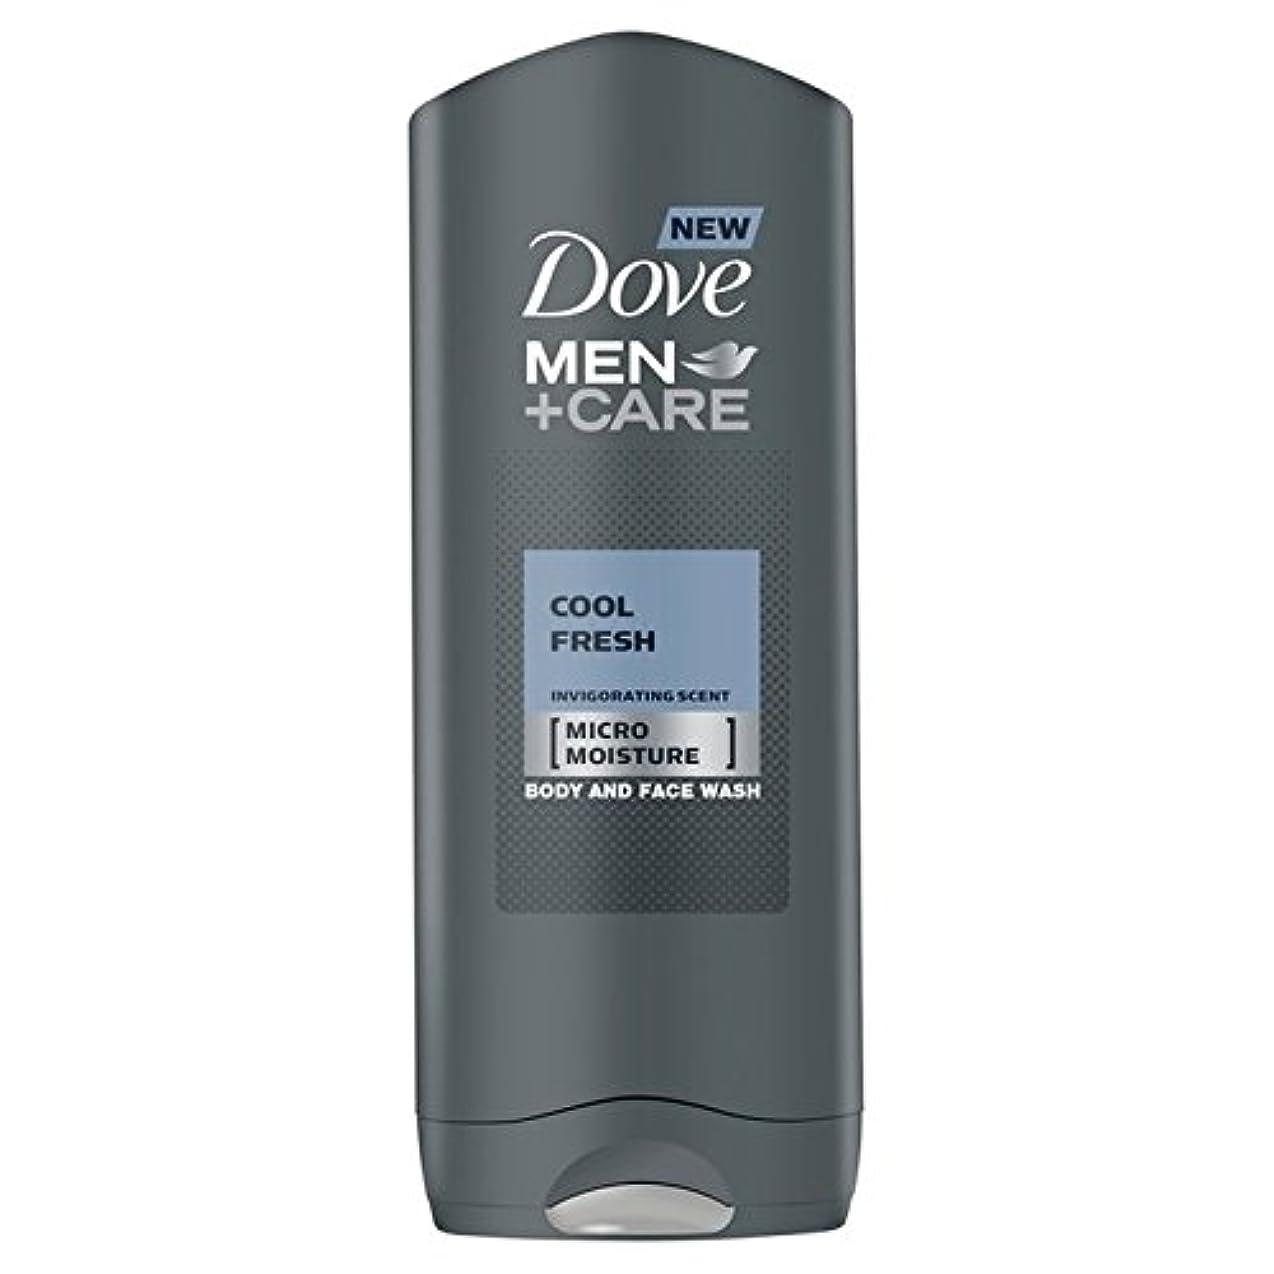 気楽なスモッグ感覚Dove Men+Care Cool Fresh Shower Gel 400ml - クールフレッシュシャワージェル400ミリリットルケア+鳩の男性 [並行輸入品]